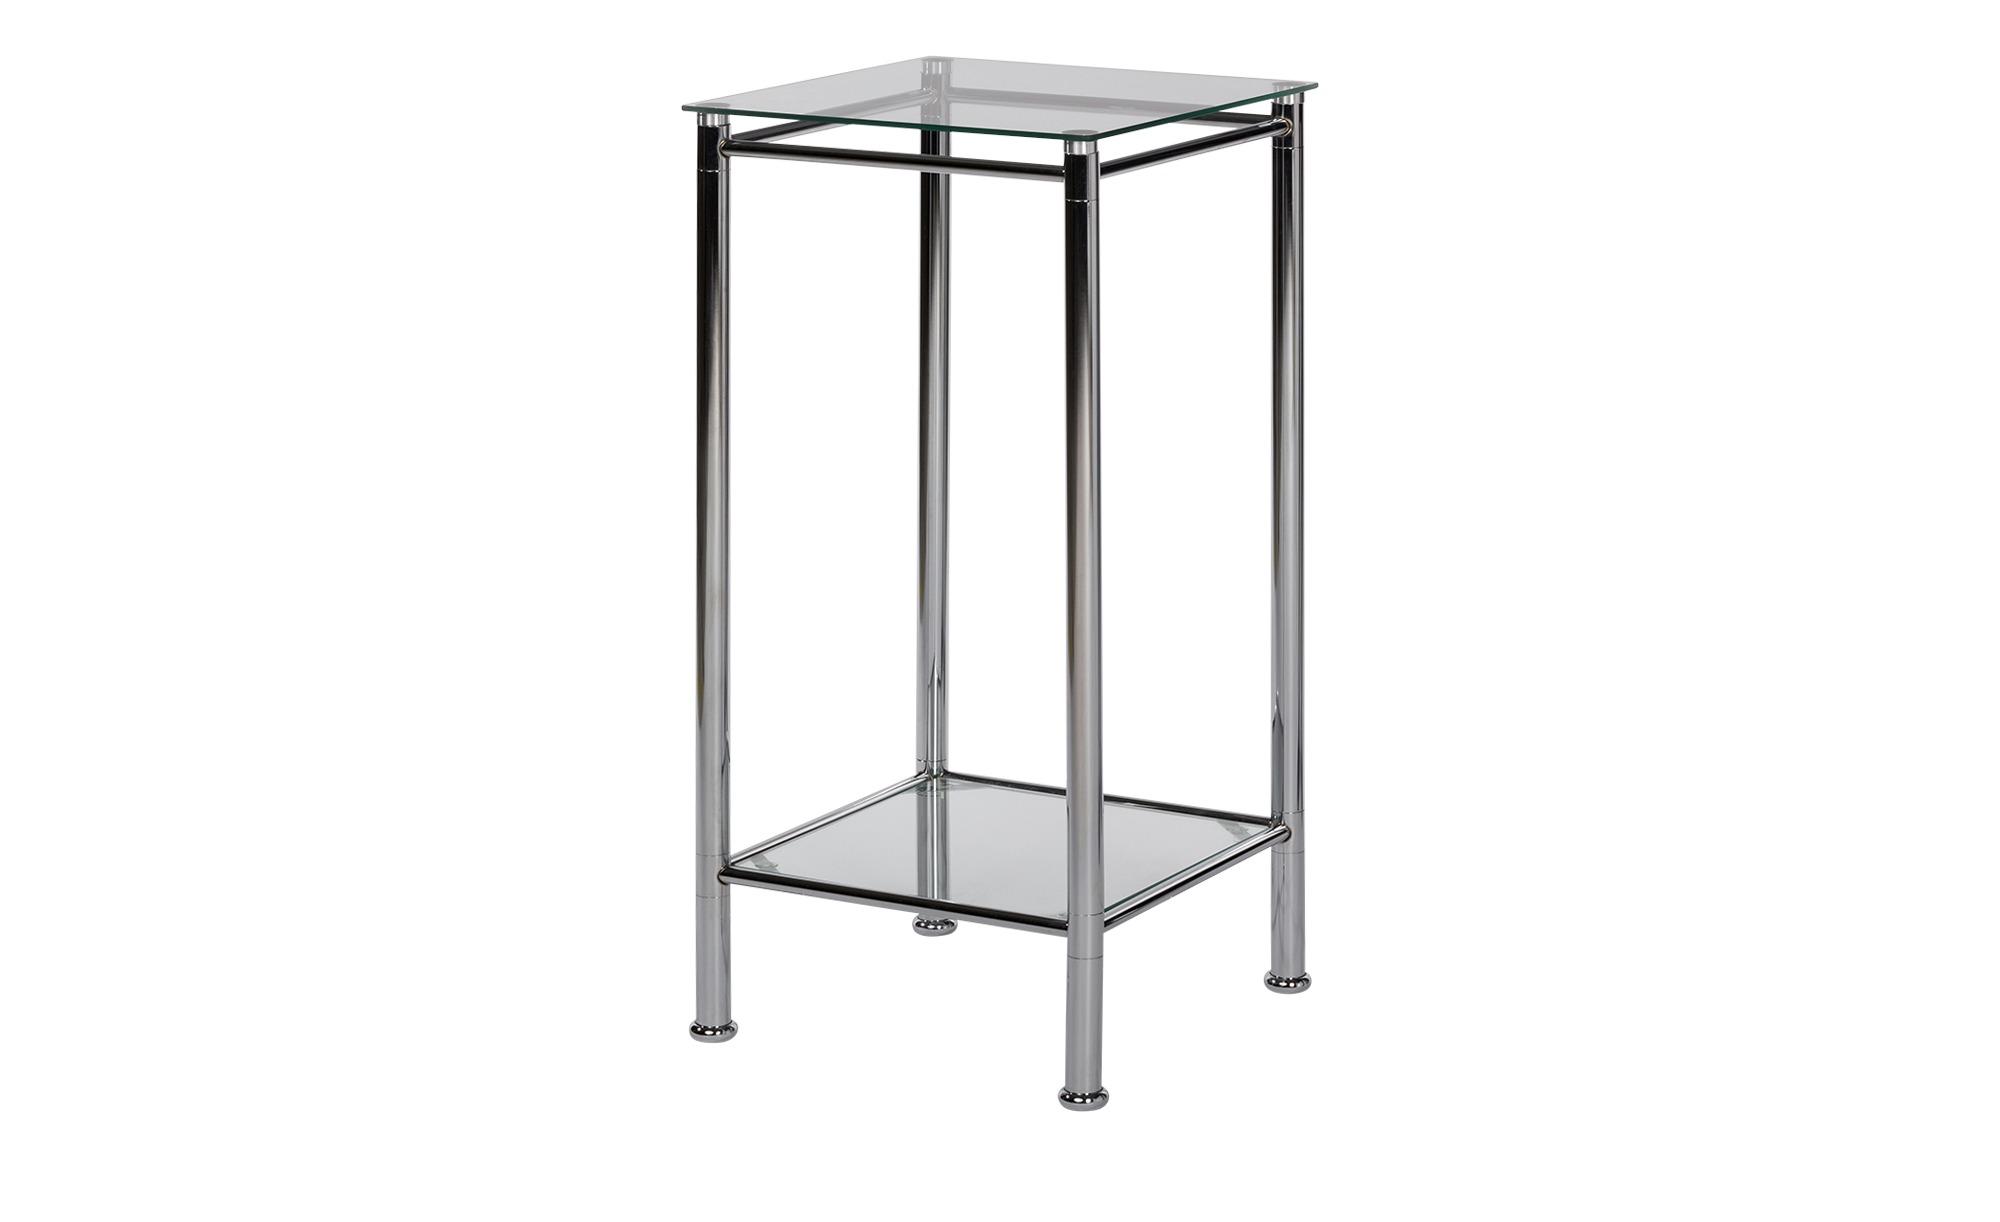 Beistelltisch Metall Glas Bei Möbel Kraft Online Kaufen